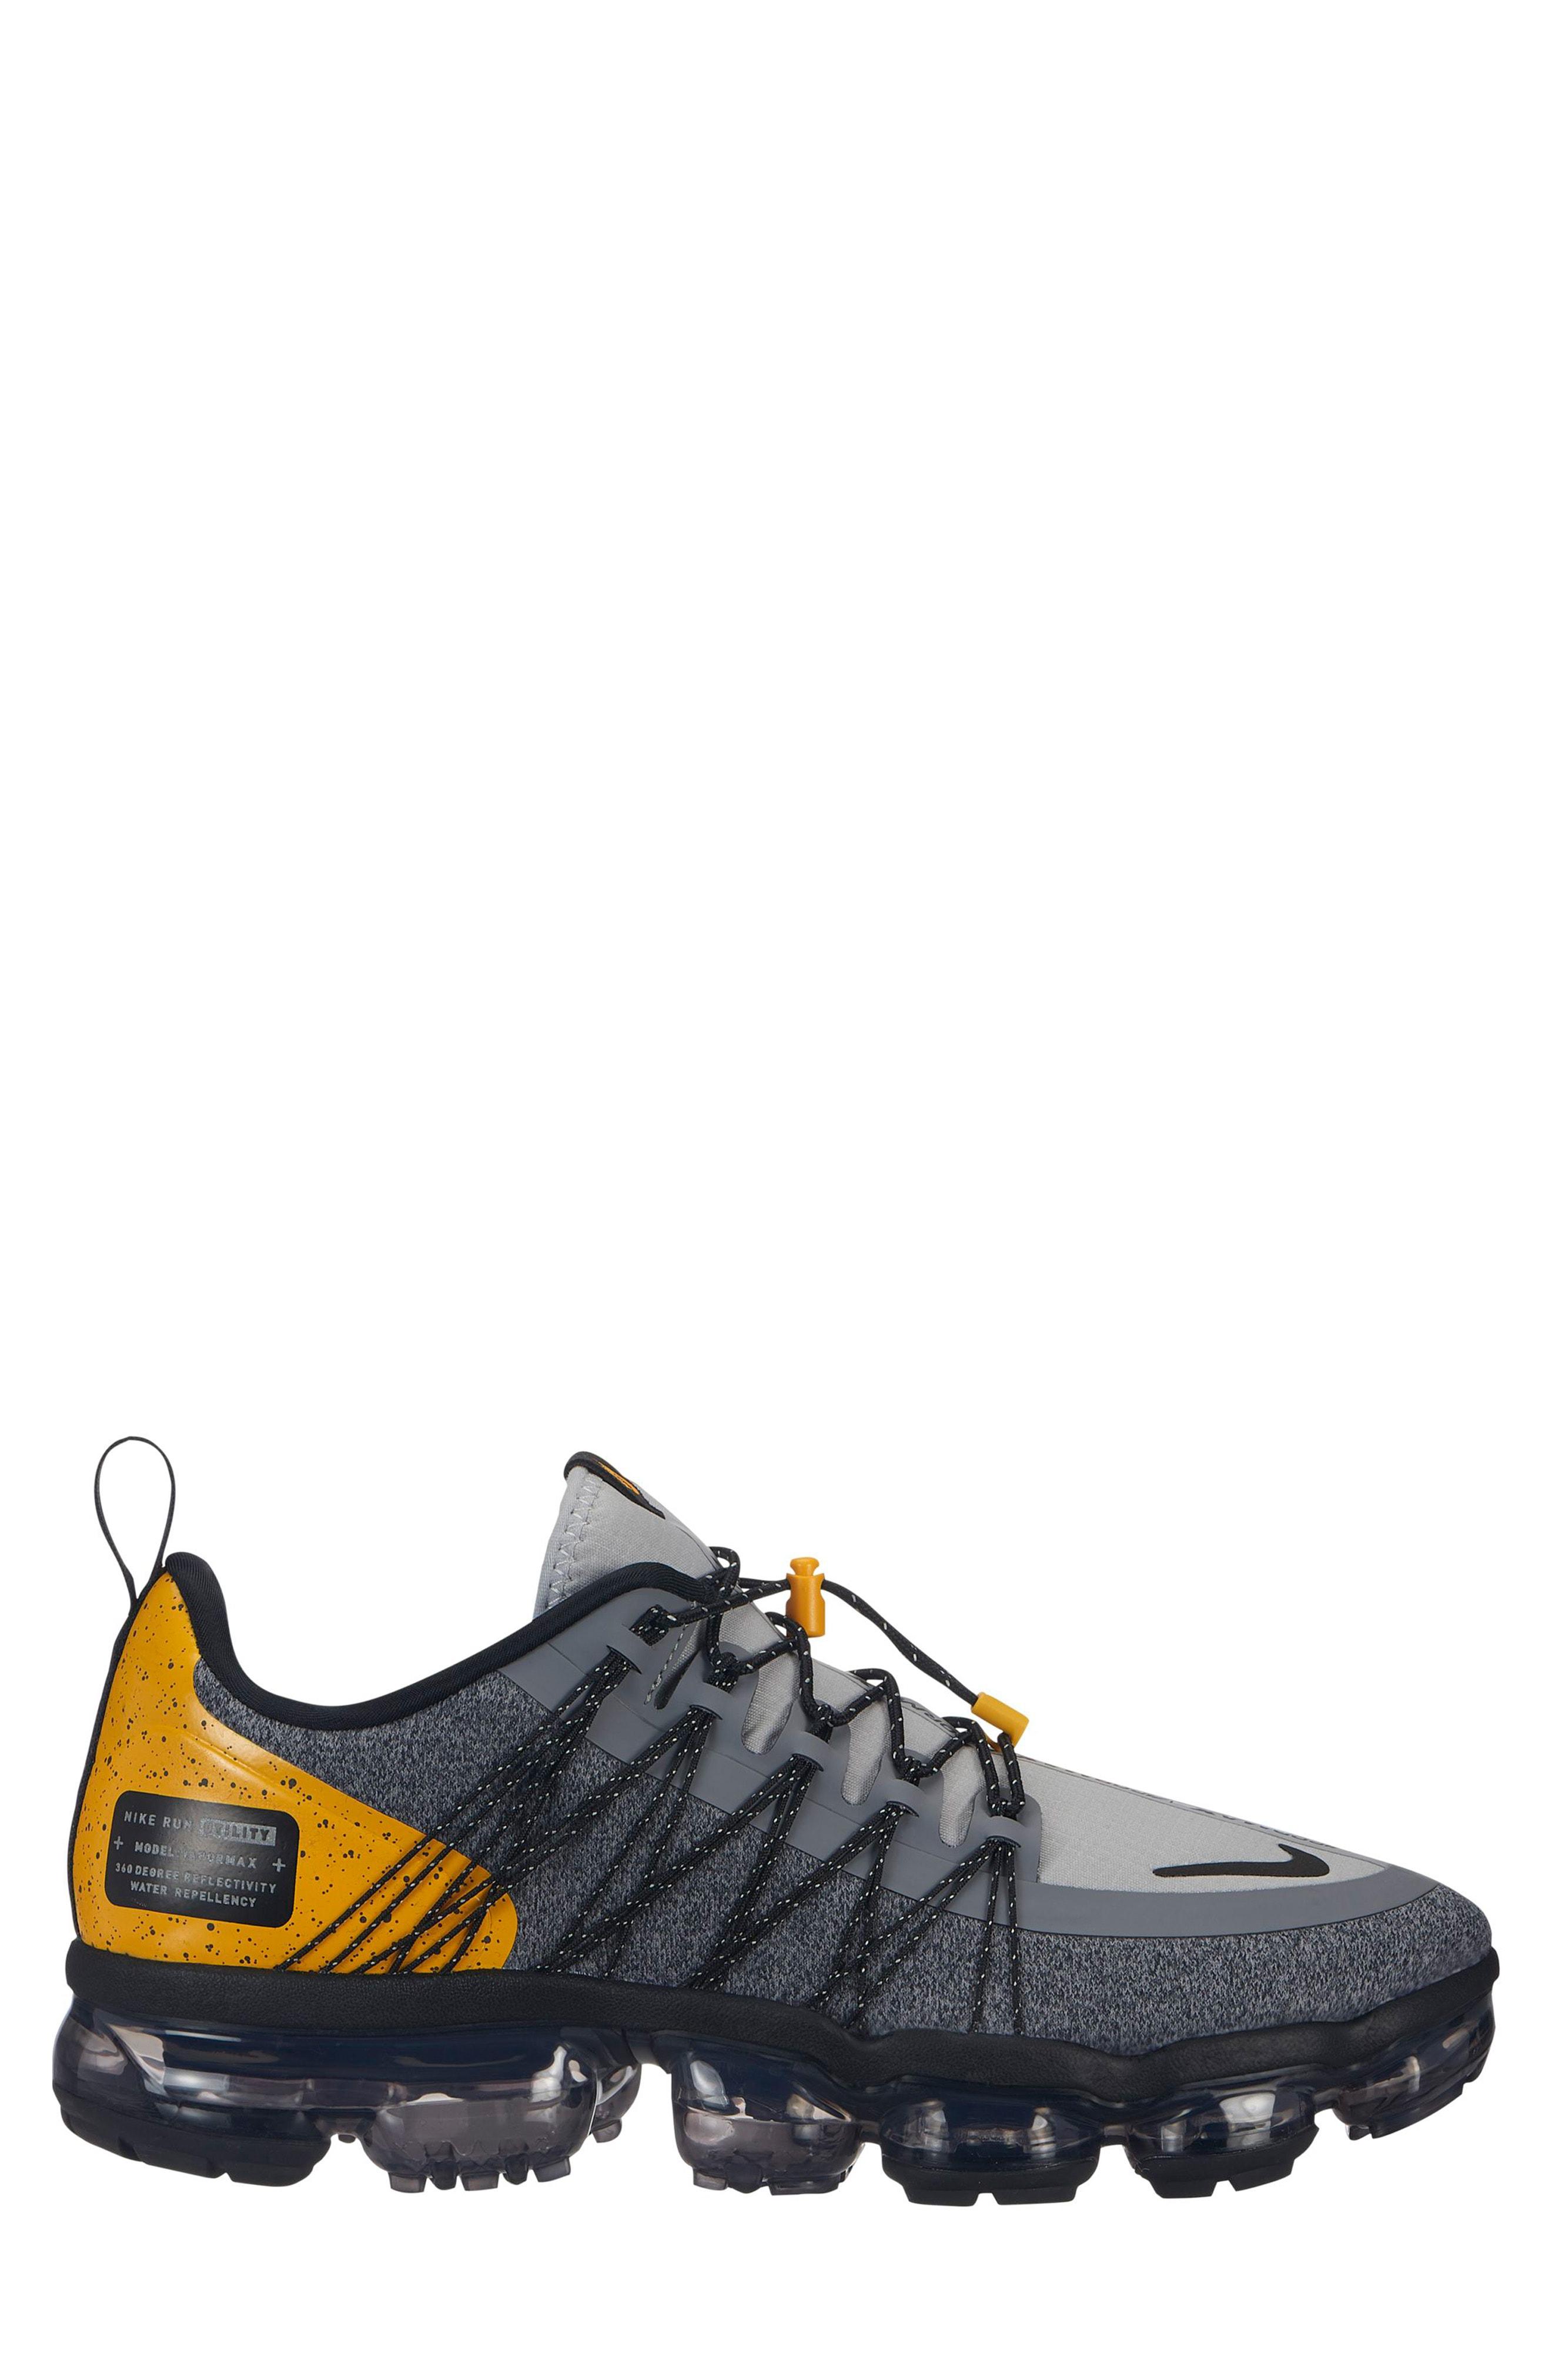 b99e221e9730 Nike Air Vapormax Run Utility Sneaker In Grey  Black  Amarillo  Grey .